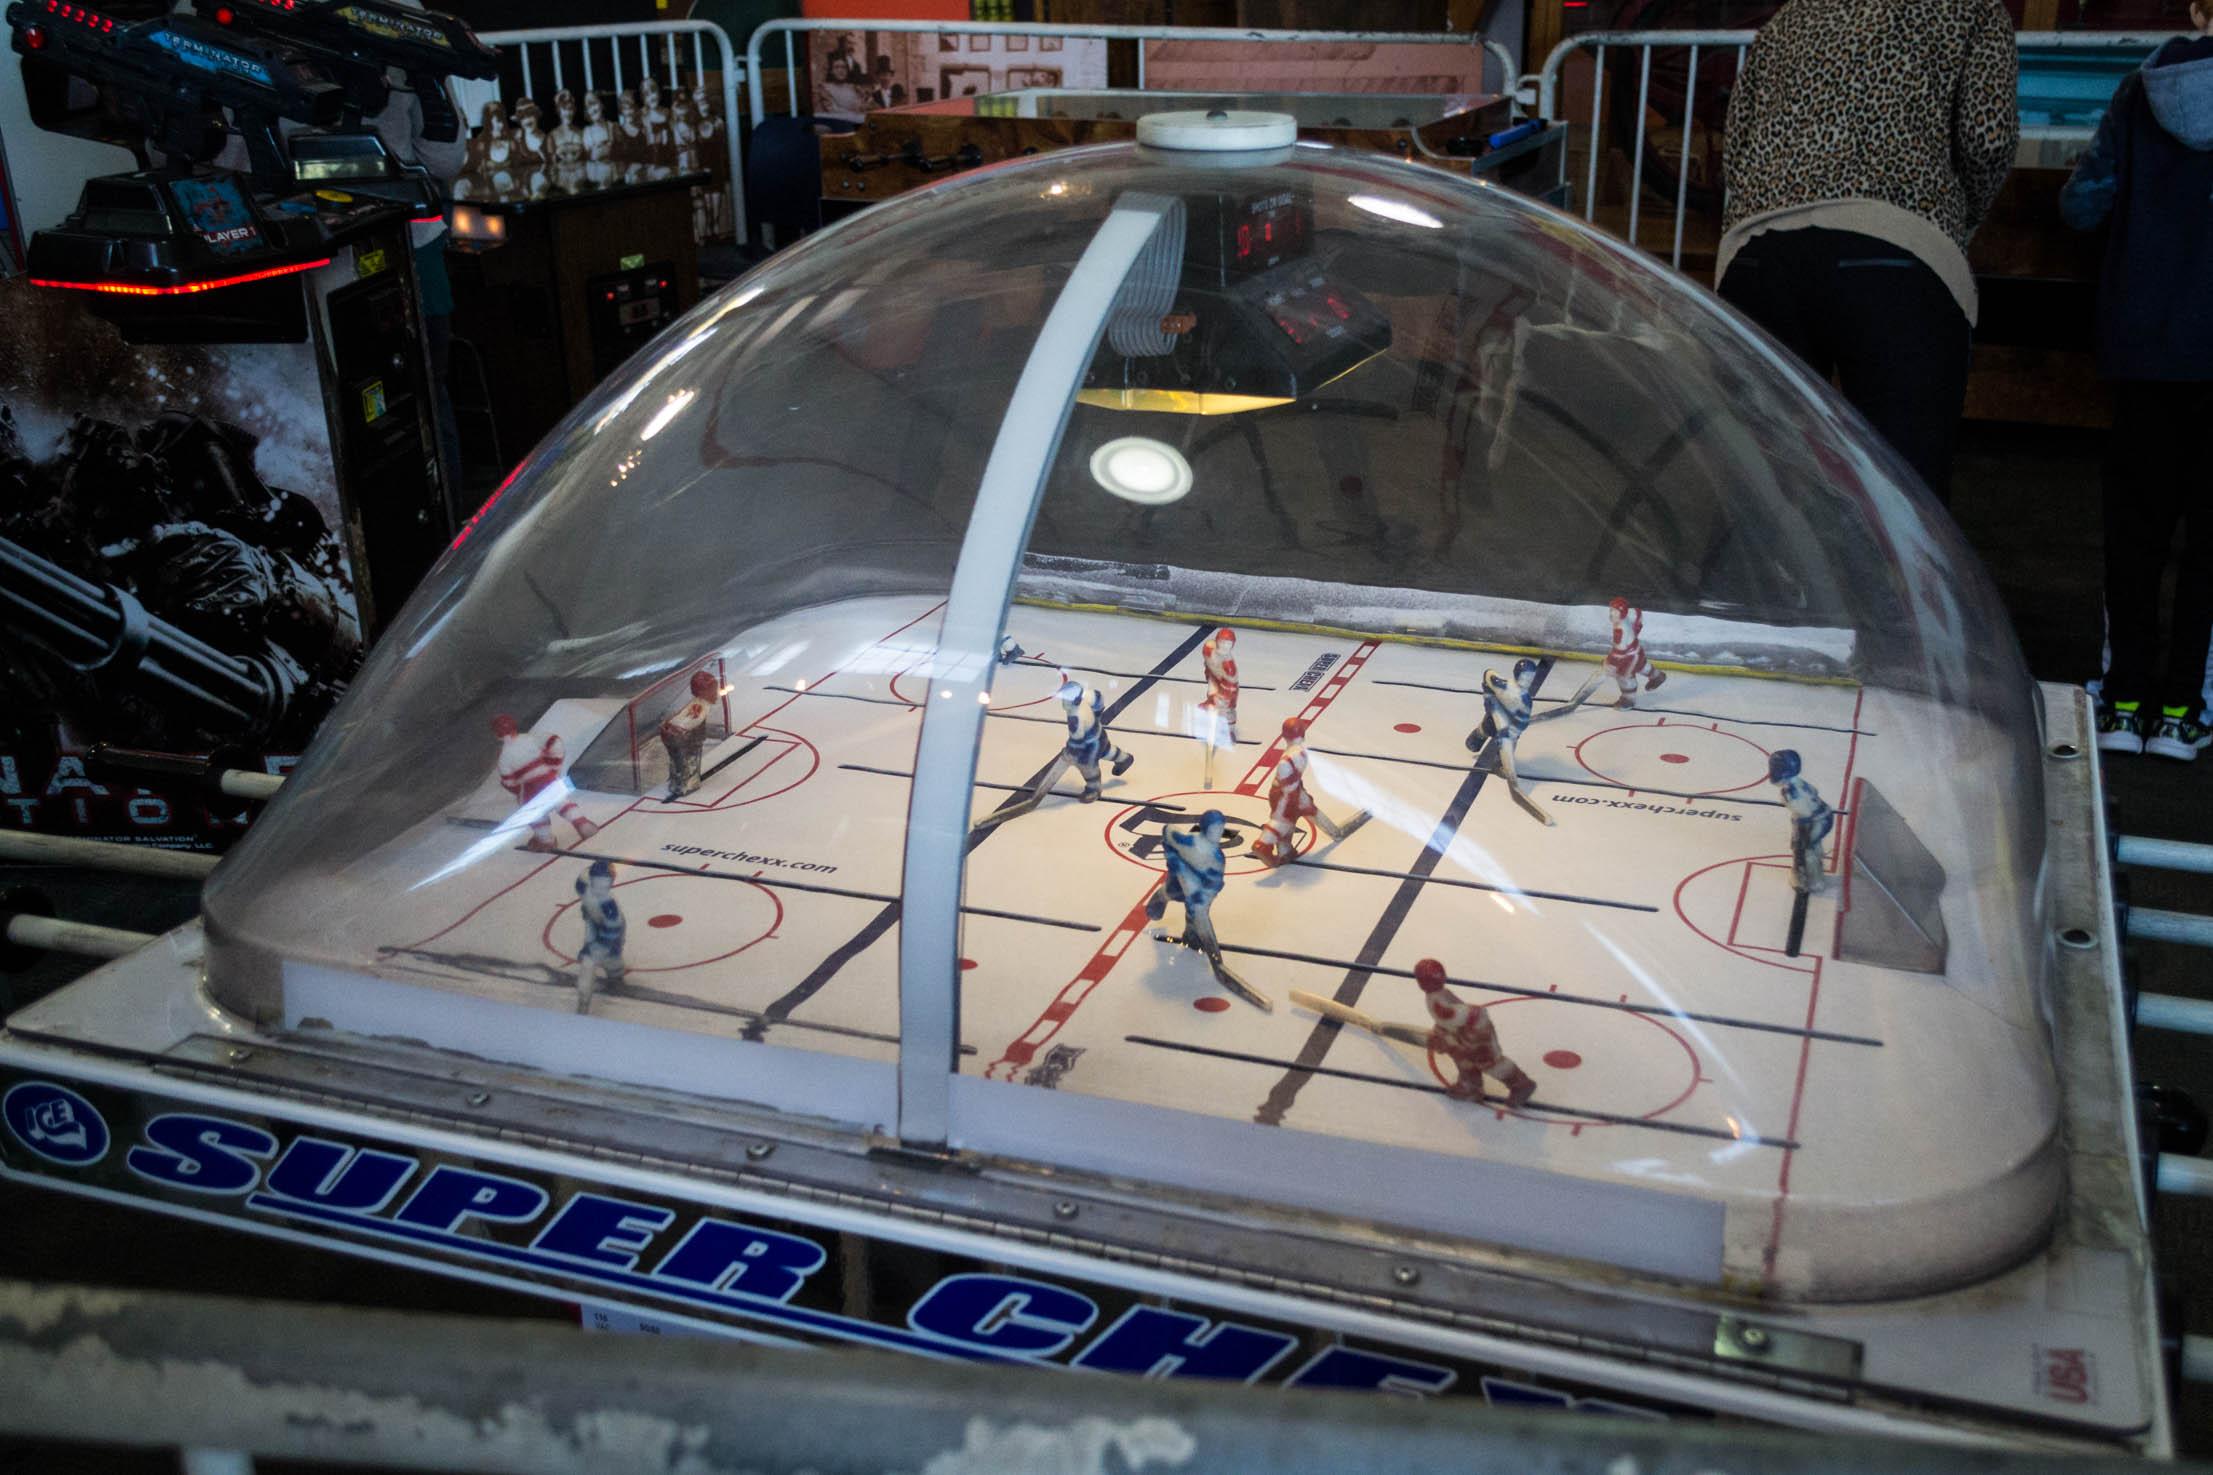 Un des vieux jeux d'arcade du musée